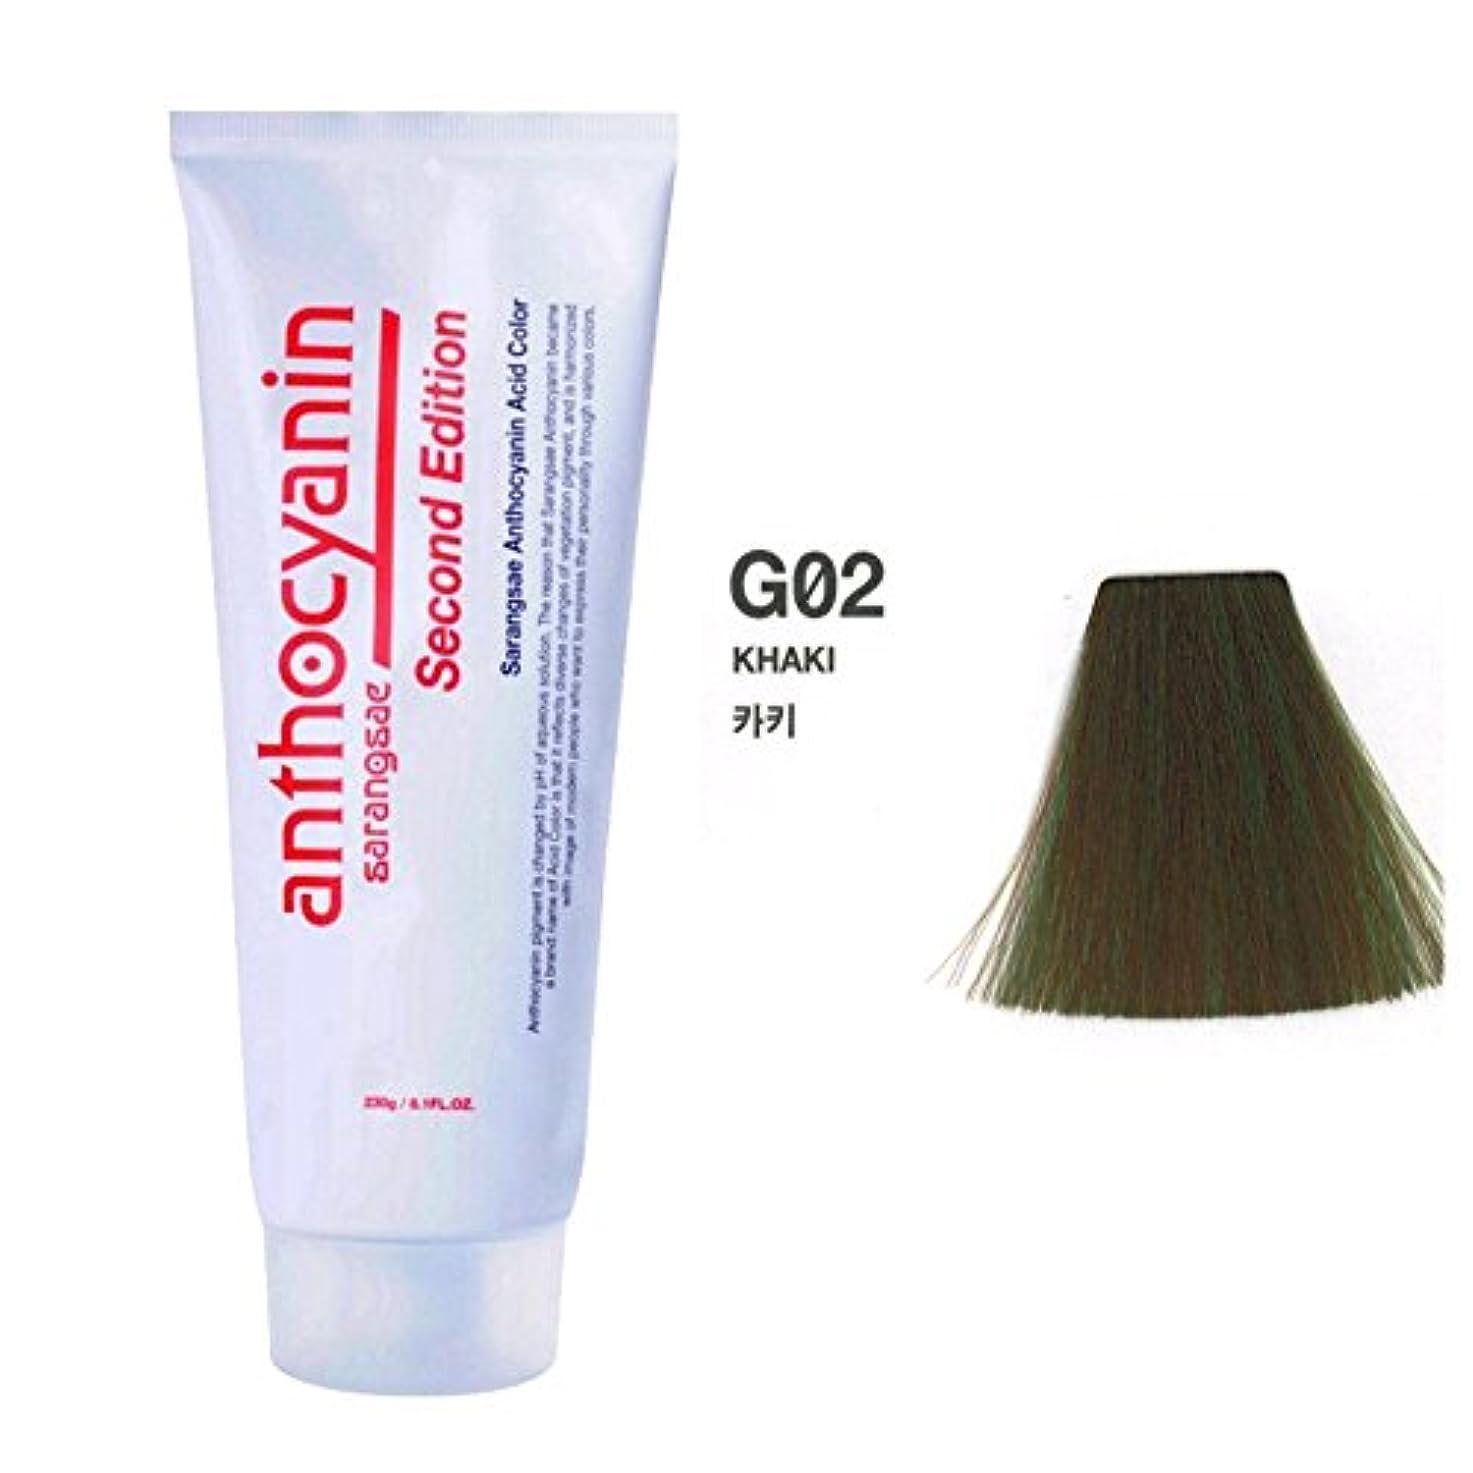 先入観液化する第二ヘア マニキュア カラー セカンド エディション 230g セミ パーマネント 染毛剤 (Hair Manicure Color Second Edition 230g Semi Permanent Hair Dye) [並行輸入品] (G02 Khaki)